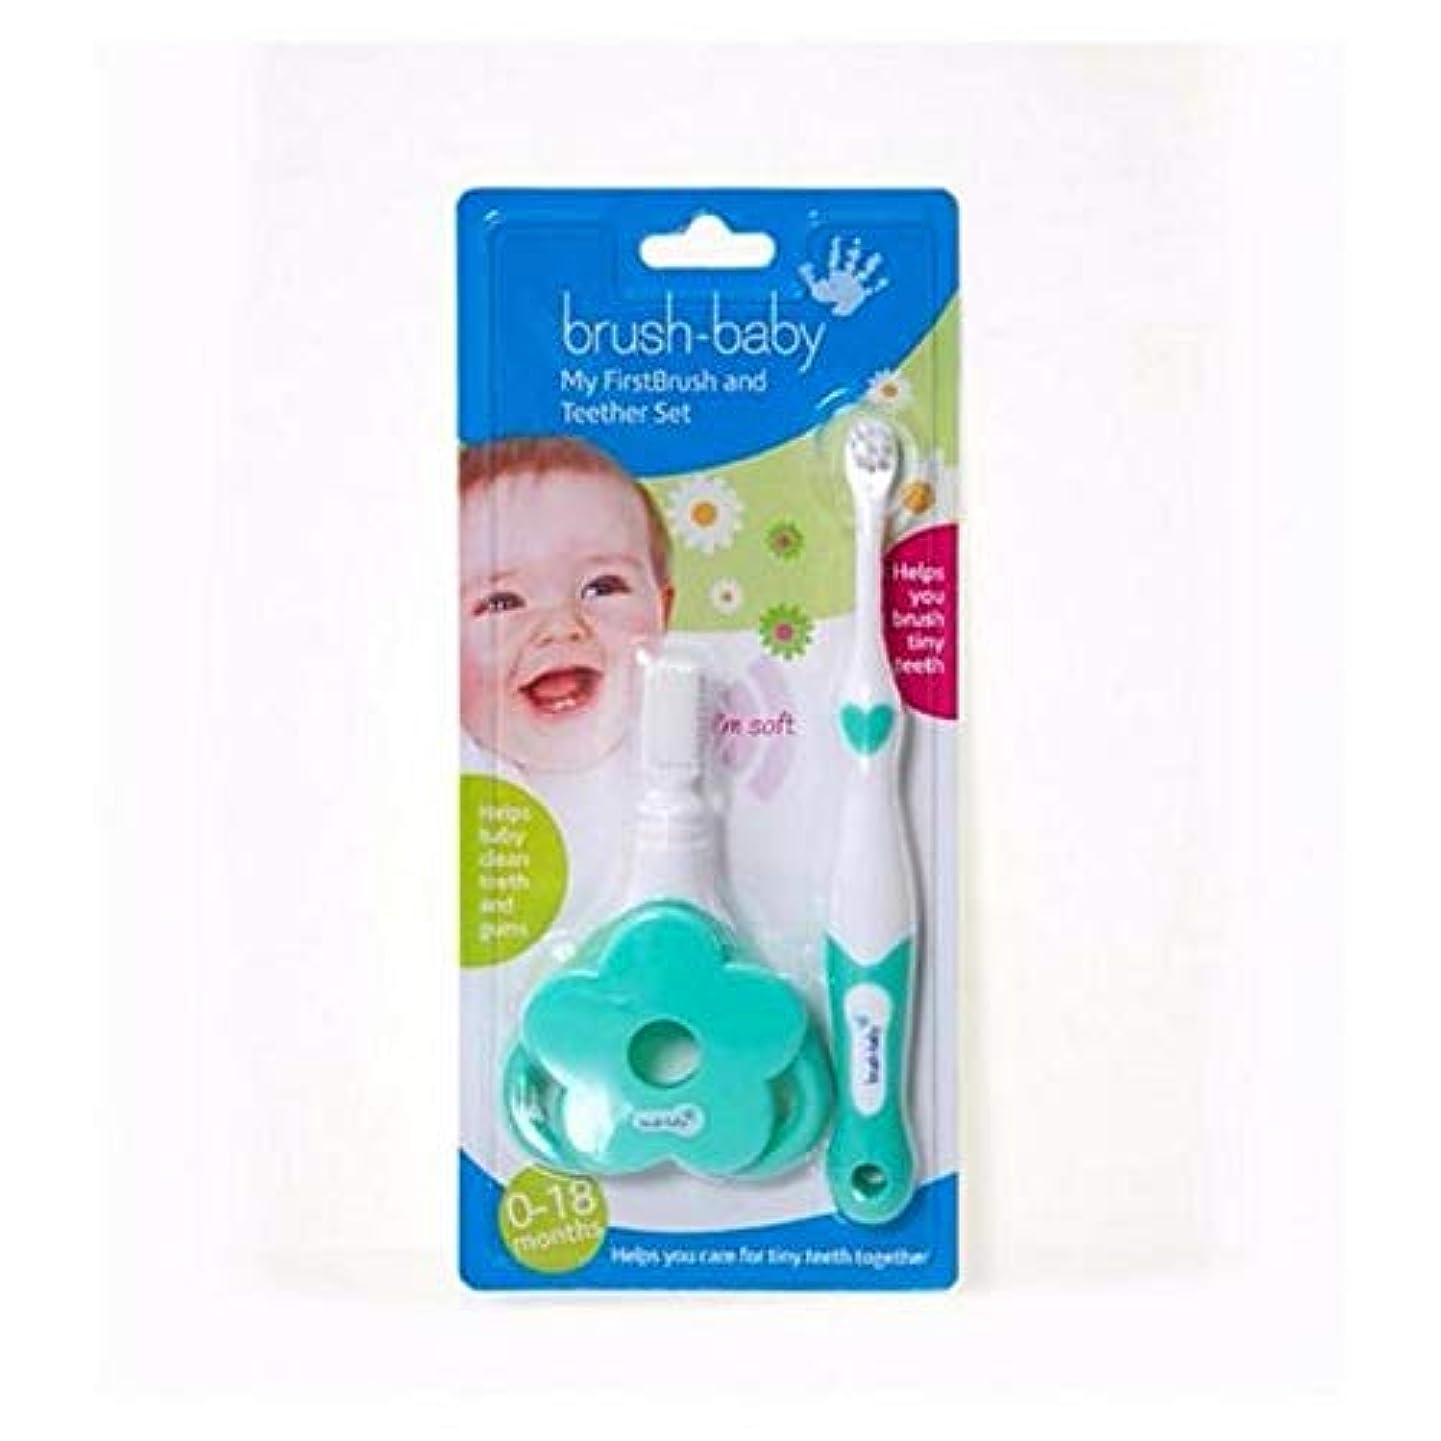 役立つ漏斗コーナー[Brush-Baby ] ブラシ赤ちゃんが私のFirstbrush&おしゃぶりはパックごとに2を設定します - Brush-Baby My FirstBrush & Teether Set 2 per pack [並行輸入品]